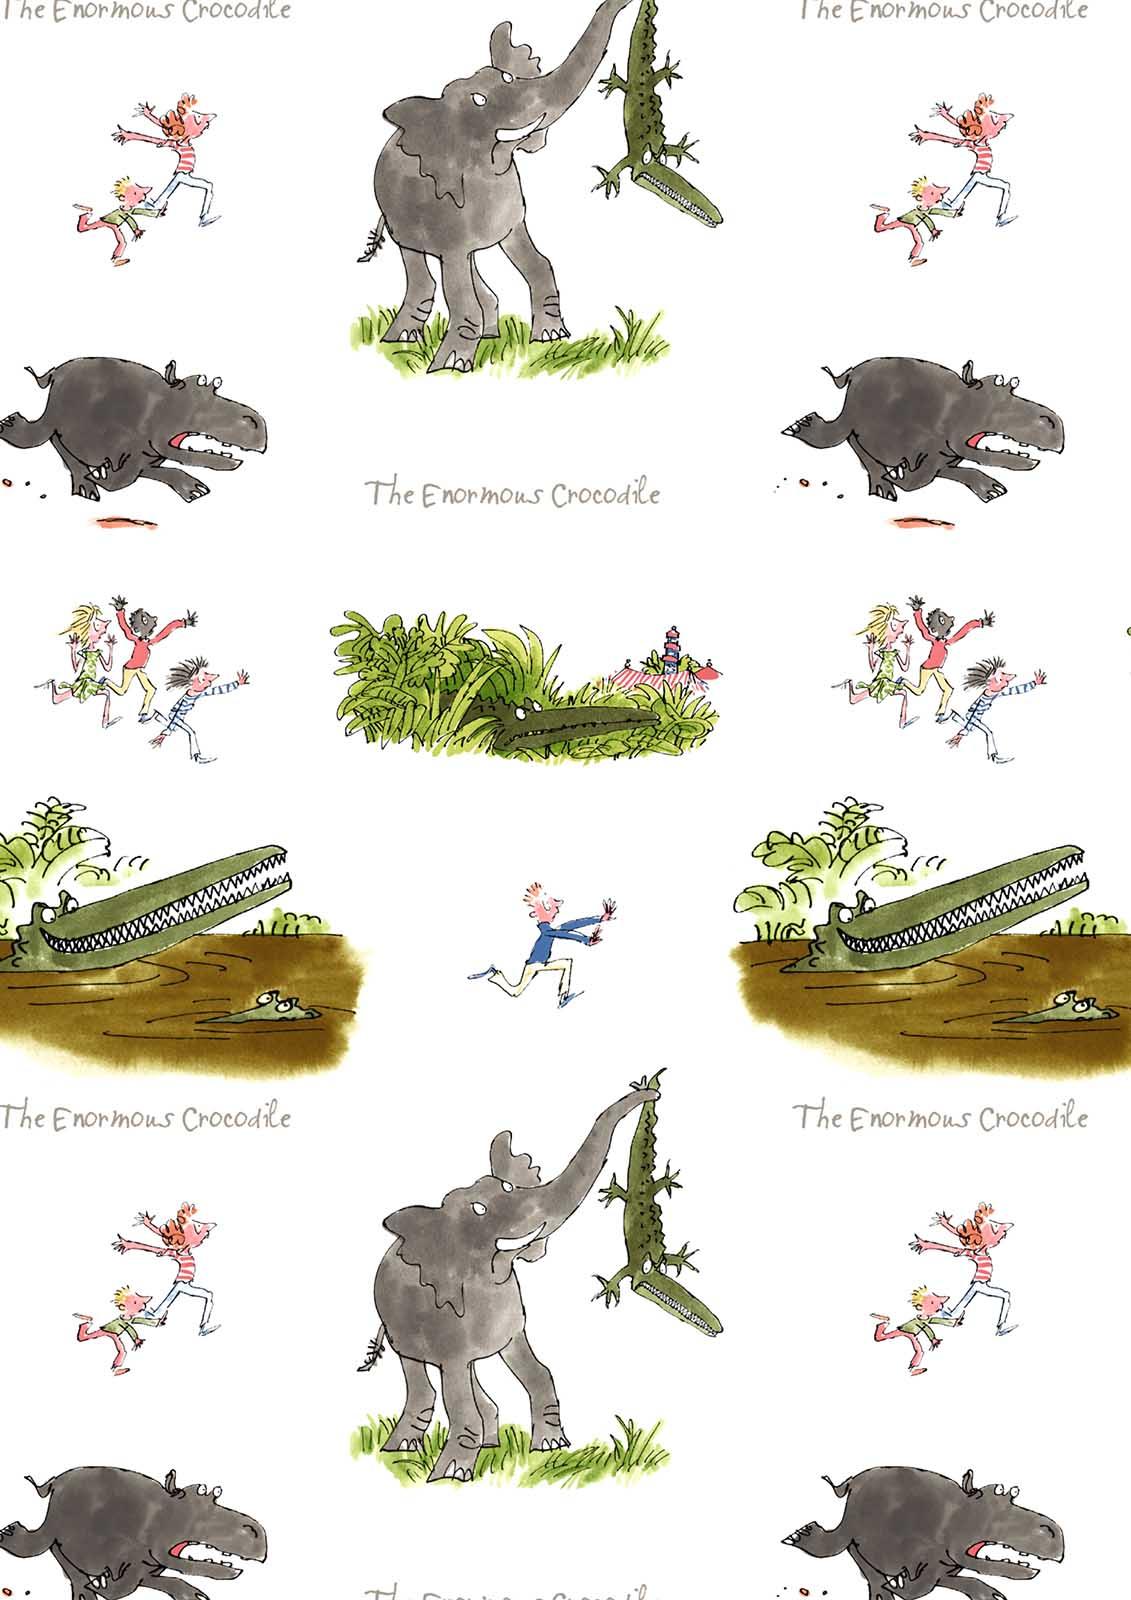 Enormous Crocodile Eno001 Blindtex